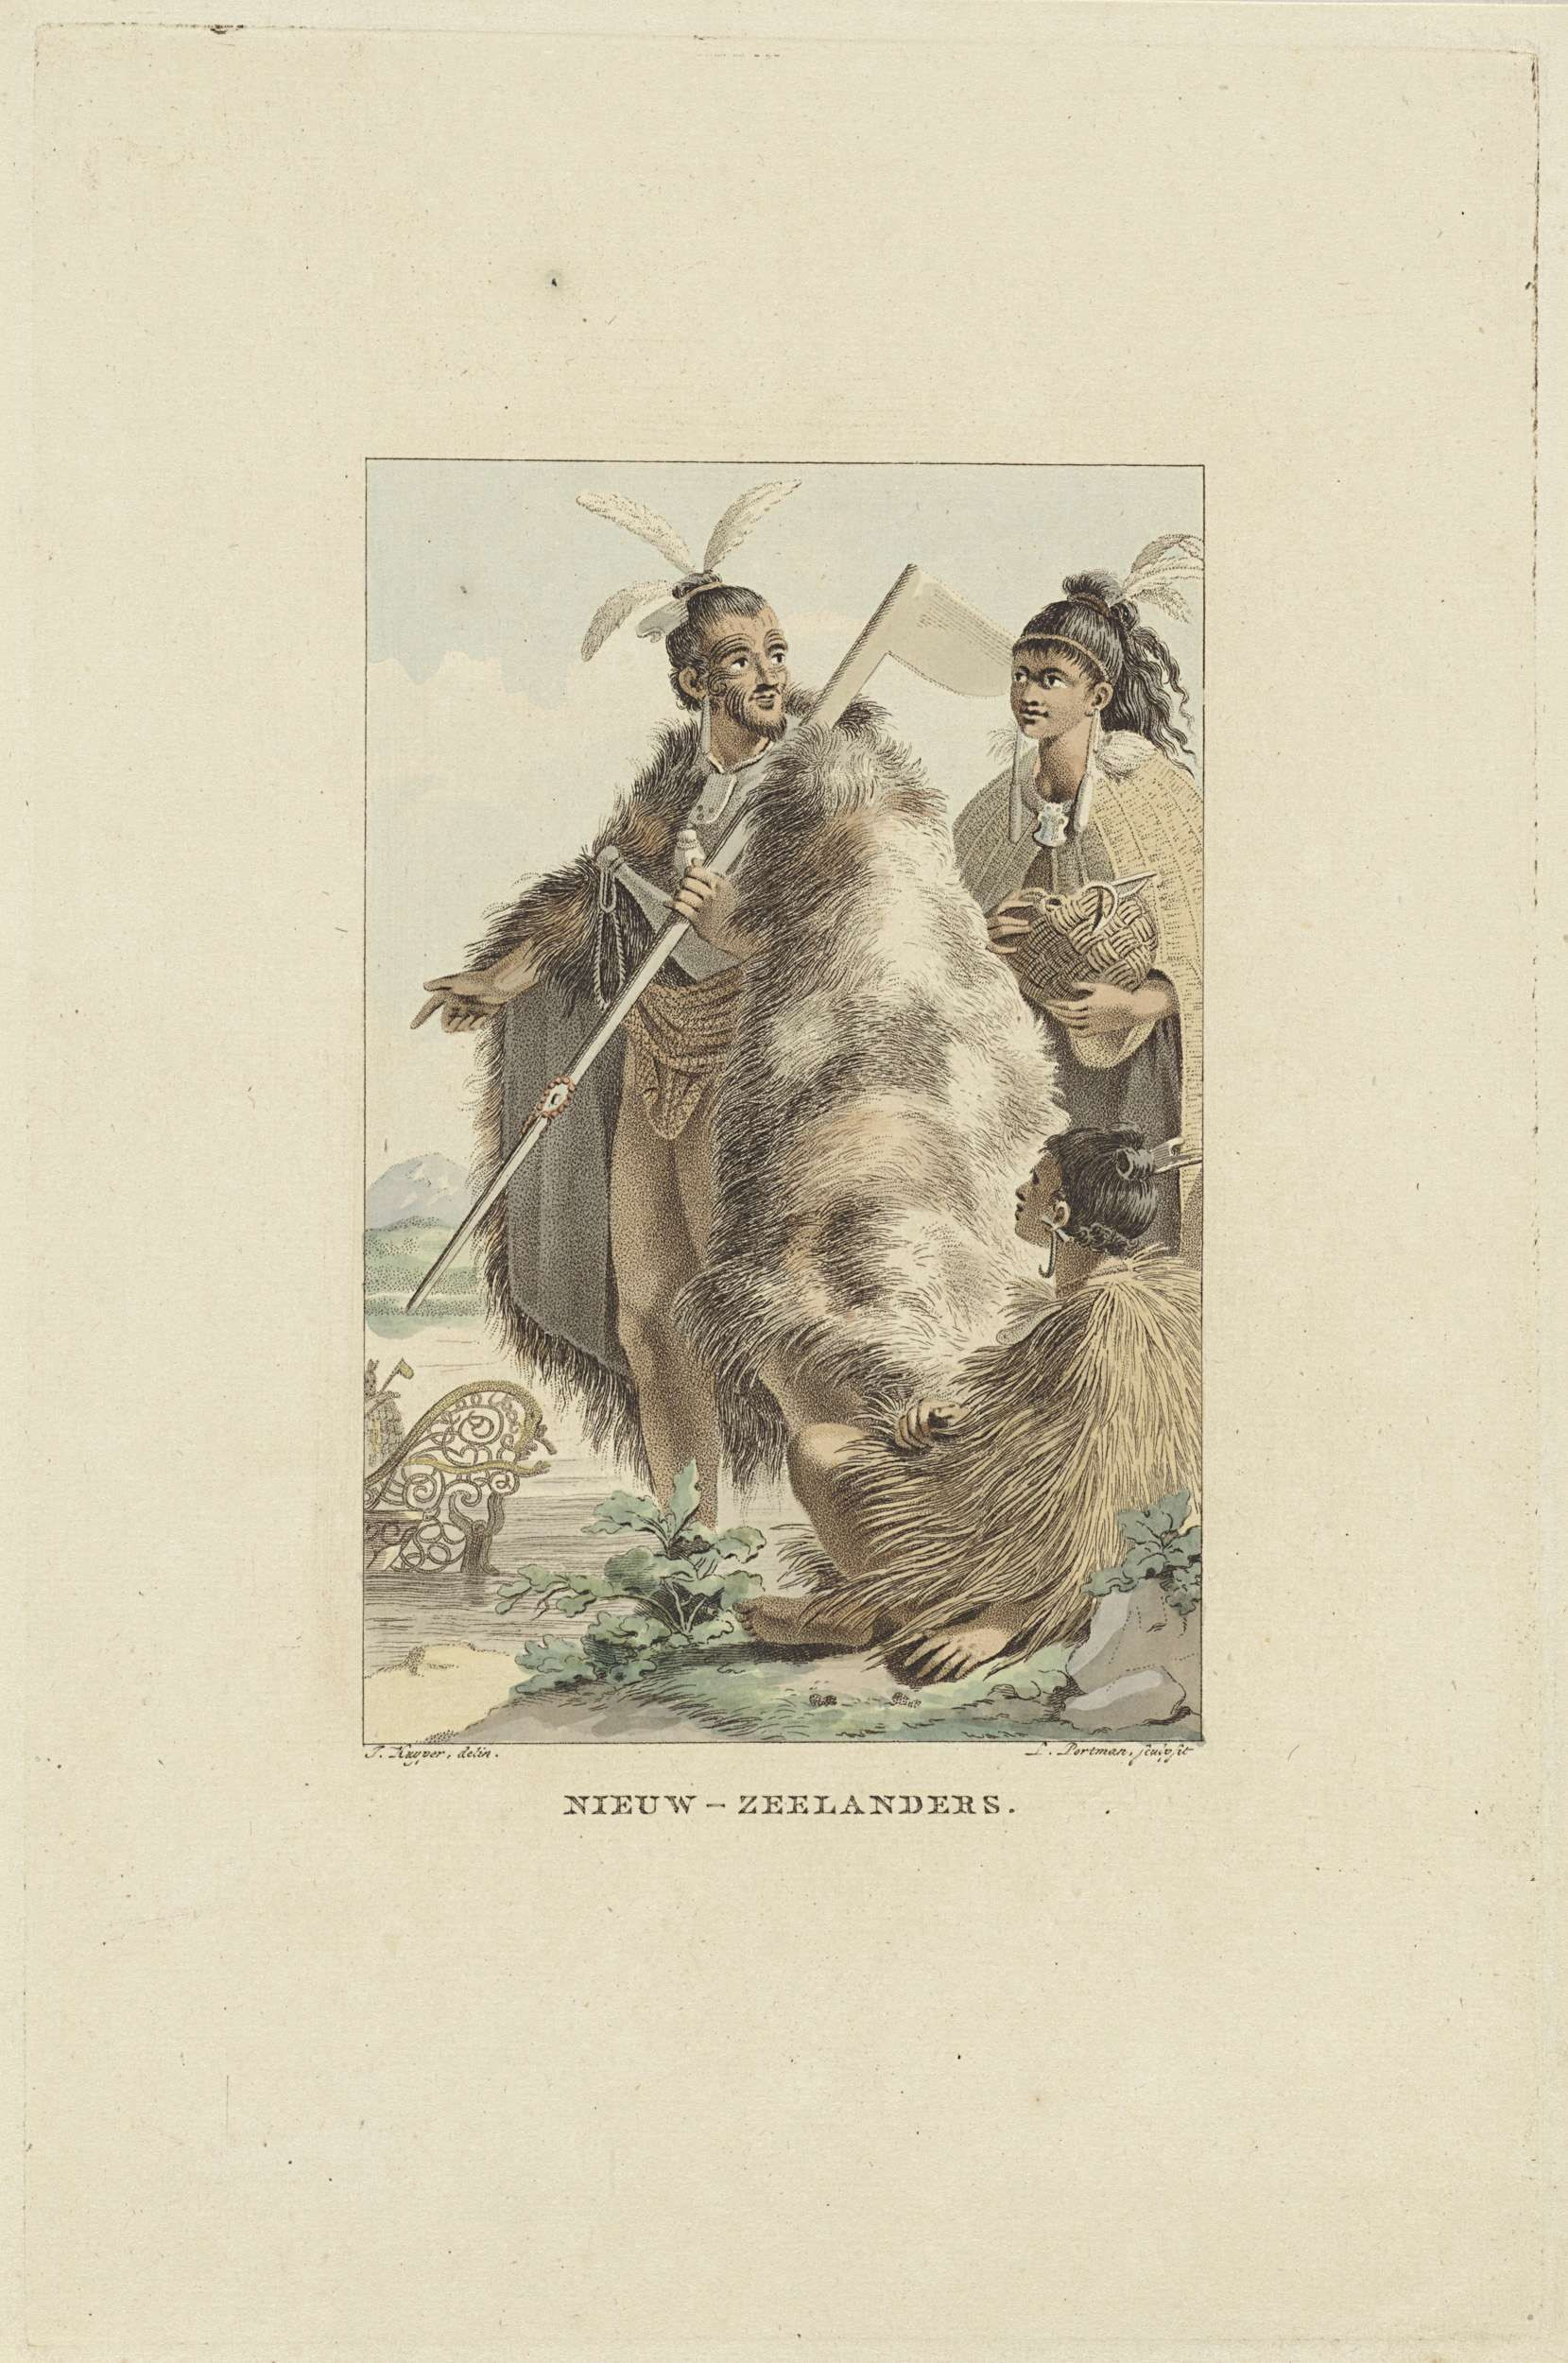 Ludwig Gottlieb Portman | Bewoners van Nieuw-Zeeland, Ludwig Gottlieb Portman, 1803 | Een man in krijgsgewaad beveelt de vrouw achter hem de mand die ze vasthoudt in de nabijgelegen boot te leggen. Een zittende vrouw kijkt toe.